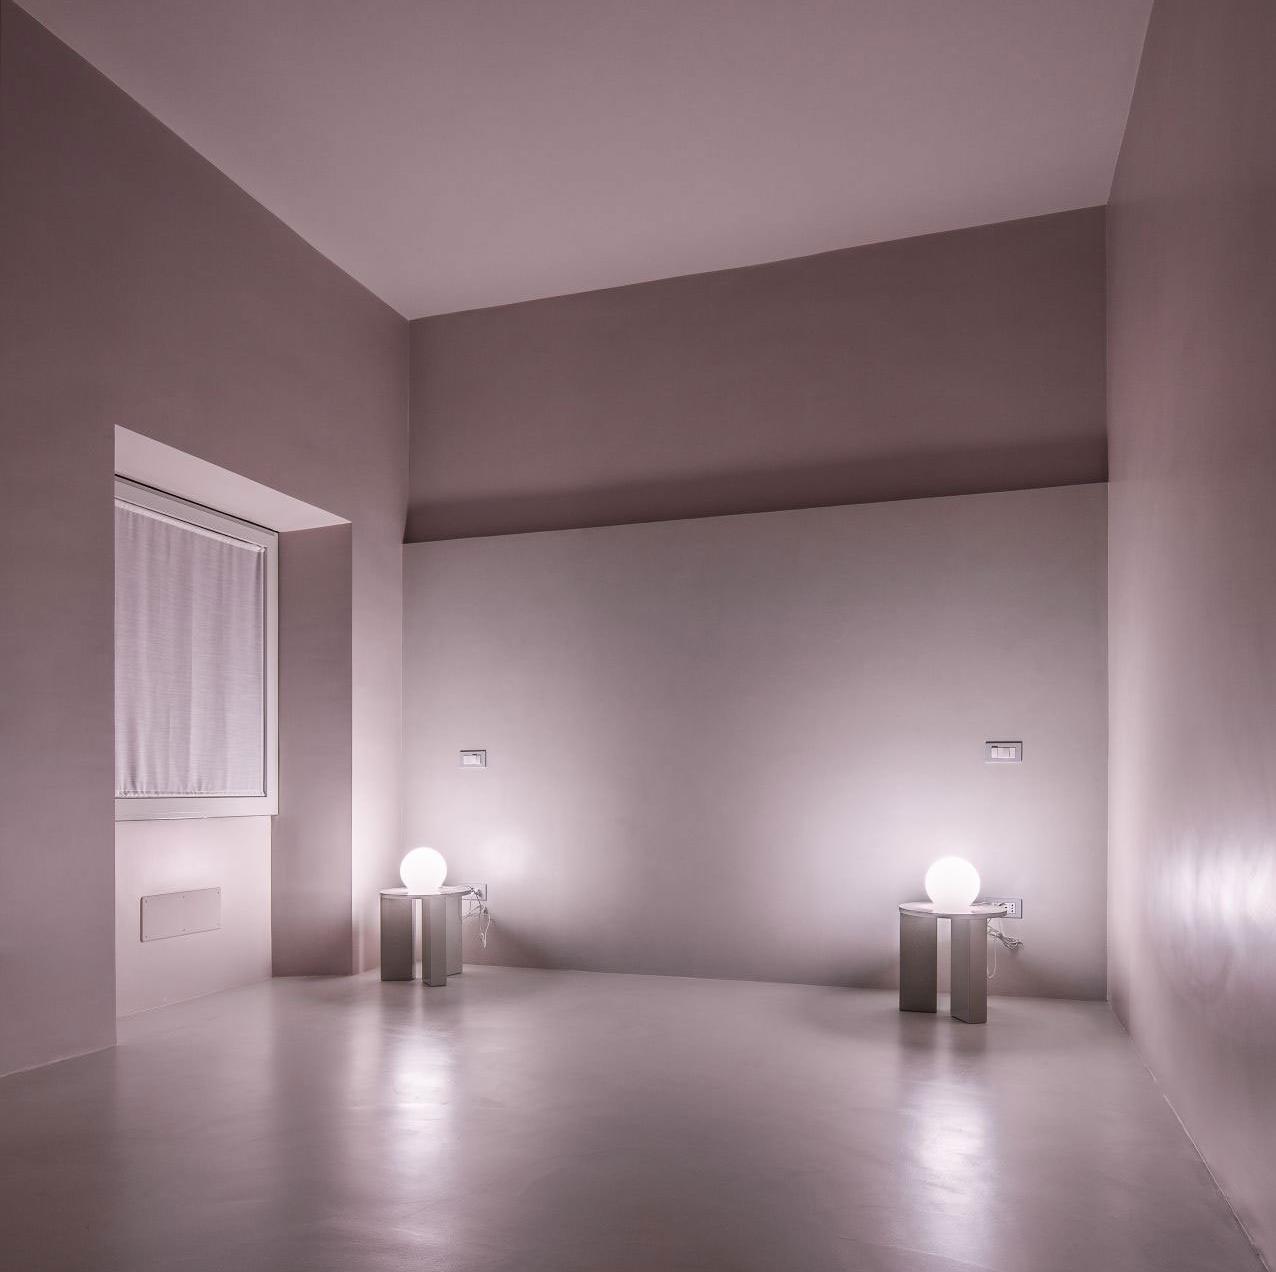 House Of Dust By Antonino Cardillo // Rome, Italy.